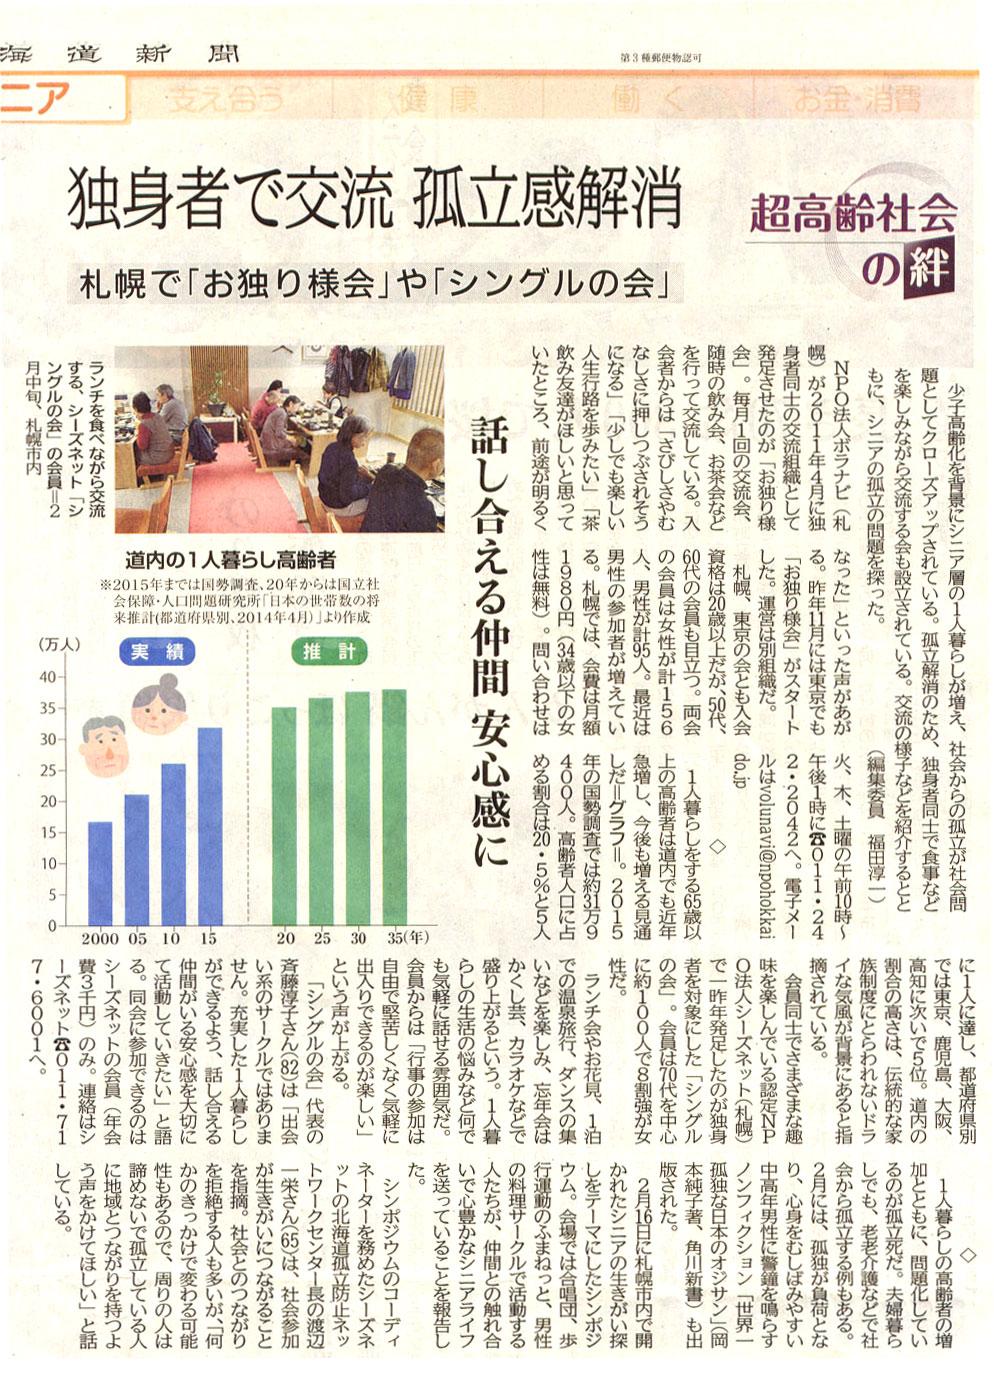 2018年3月5日 北海道新聞朝刊